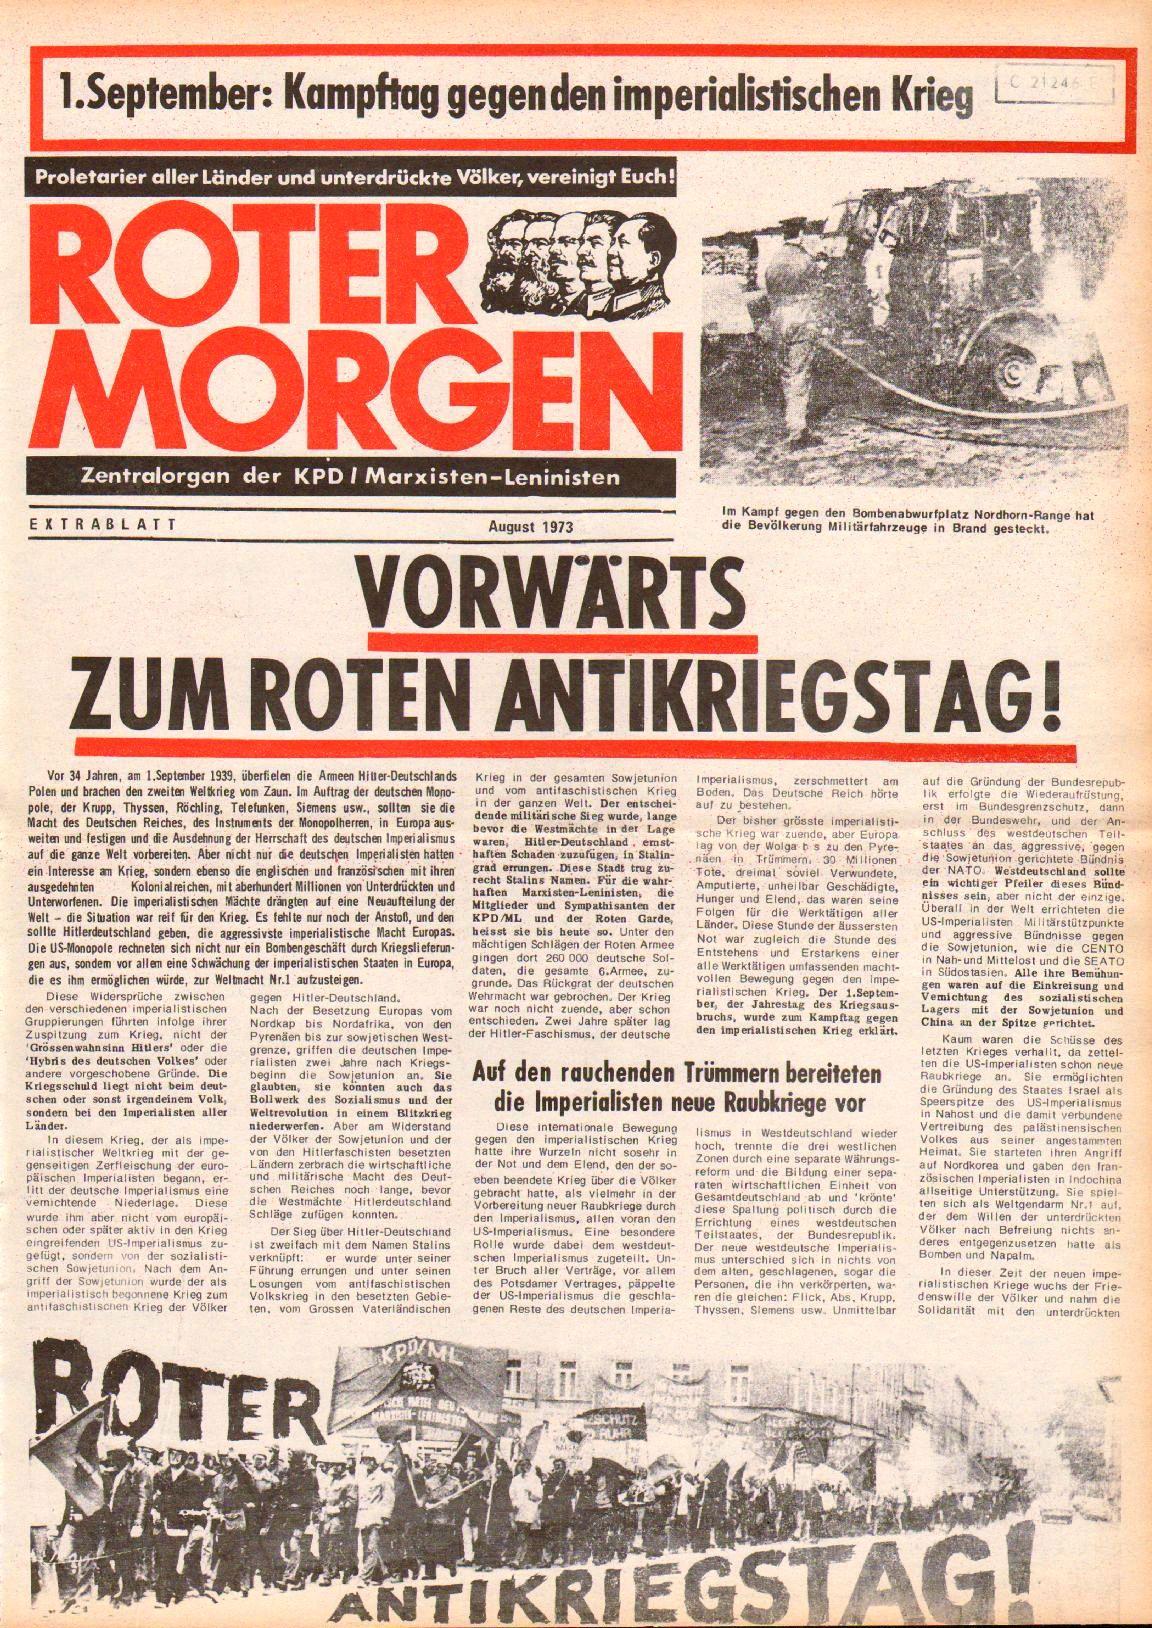 Roter Morgen, 7. Jg., August 1973, Extrablatt, Seite 1